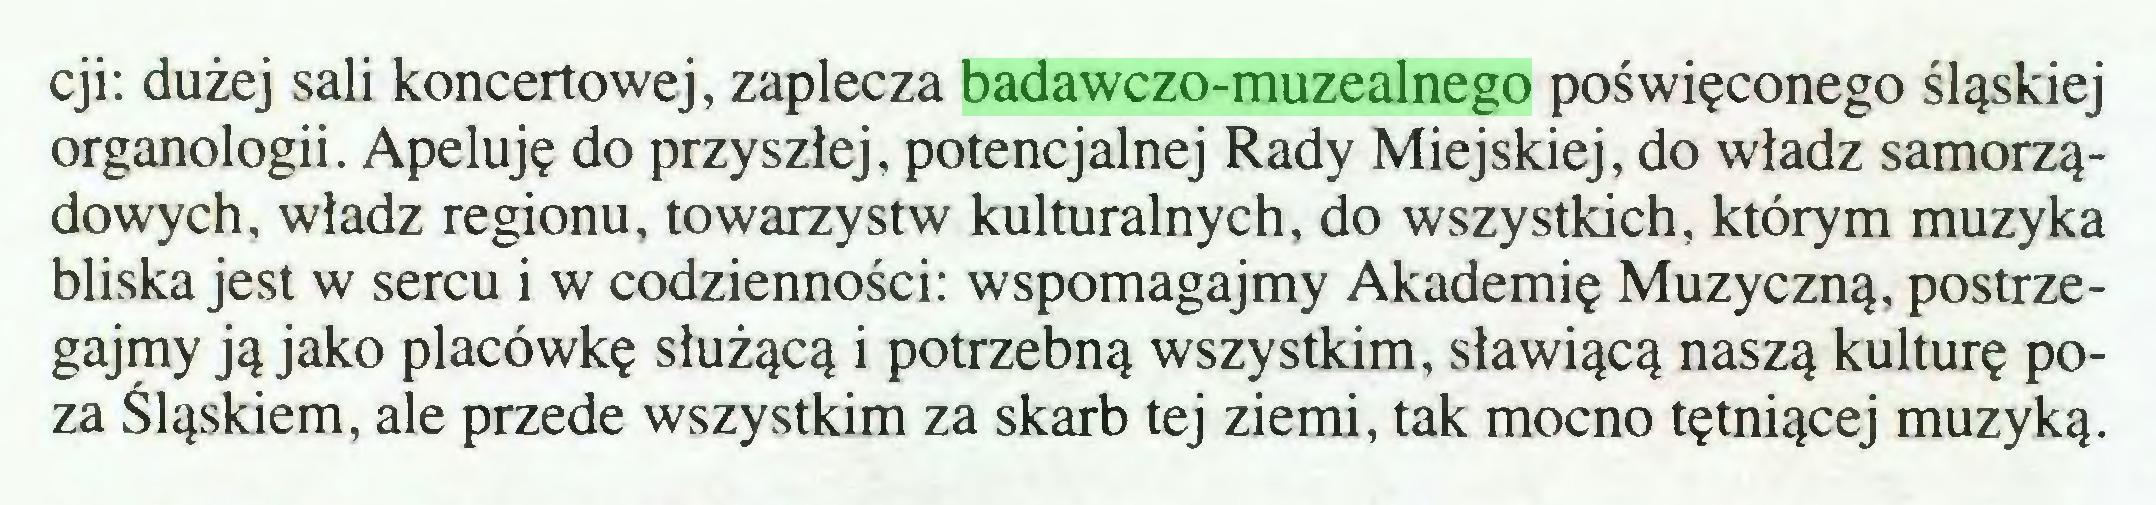 (...) cji: dużej sali koncertowej, zaplecza badawczo-muzealnego poświęconego śląskiej organologii. Apeluję do przyszłej, potencjalnej Rady Miejskiej, do władz samorządowych, władz regionu, towarzystw kulturalnych, do wszystkich, którym muzyka bliska jest w sercu i w codzienności: wspomagajmy Akademię Muzyczną, postrzegajmy ją jako placówkę służącą i potrzebną wszystkim, sławiącą naszą kulturę poza Śląskiem, ale przede wszystkim za skarb tej ziemi, tak mocno tętniącej muzyką...